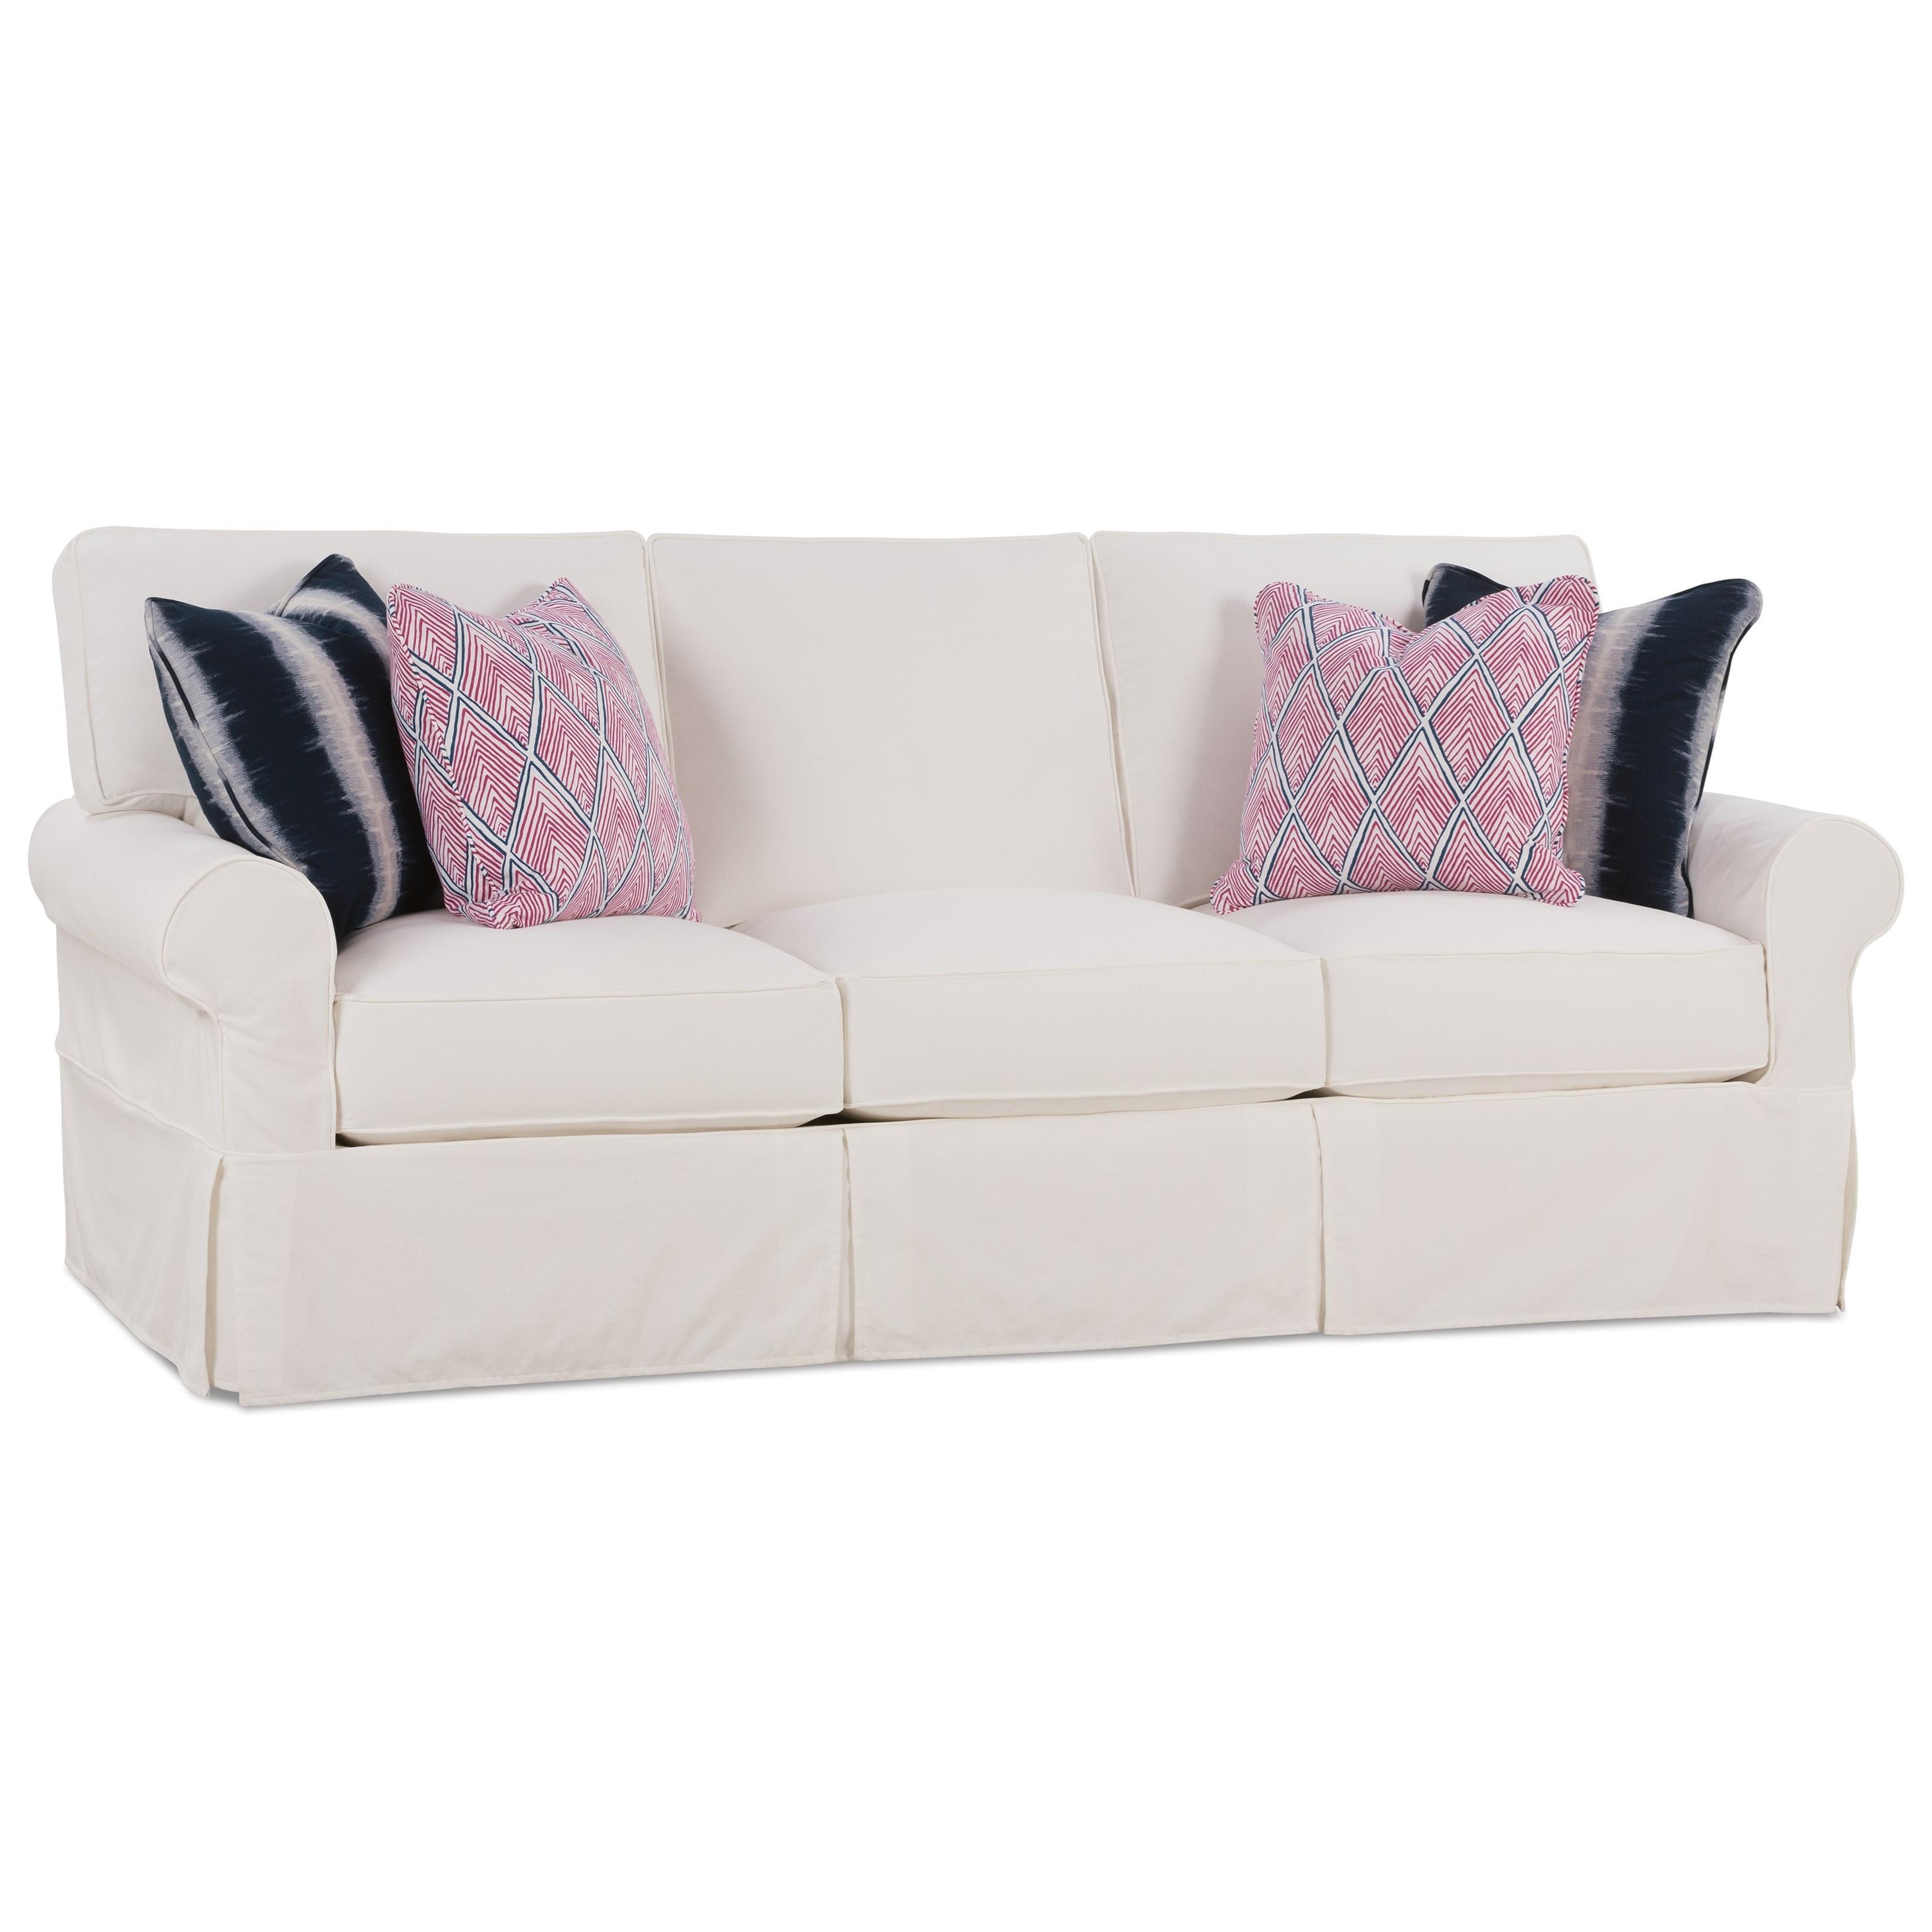 Queen Bed Sofa